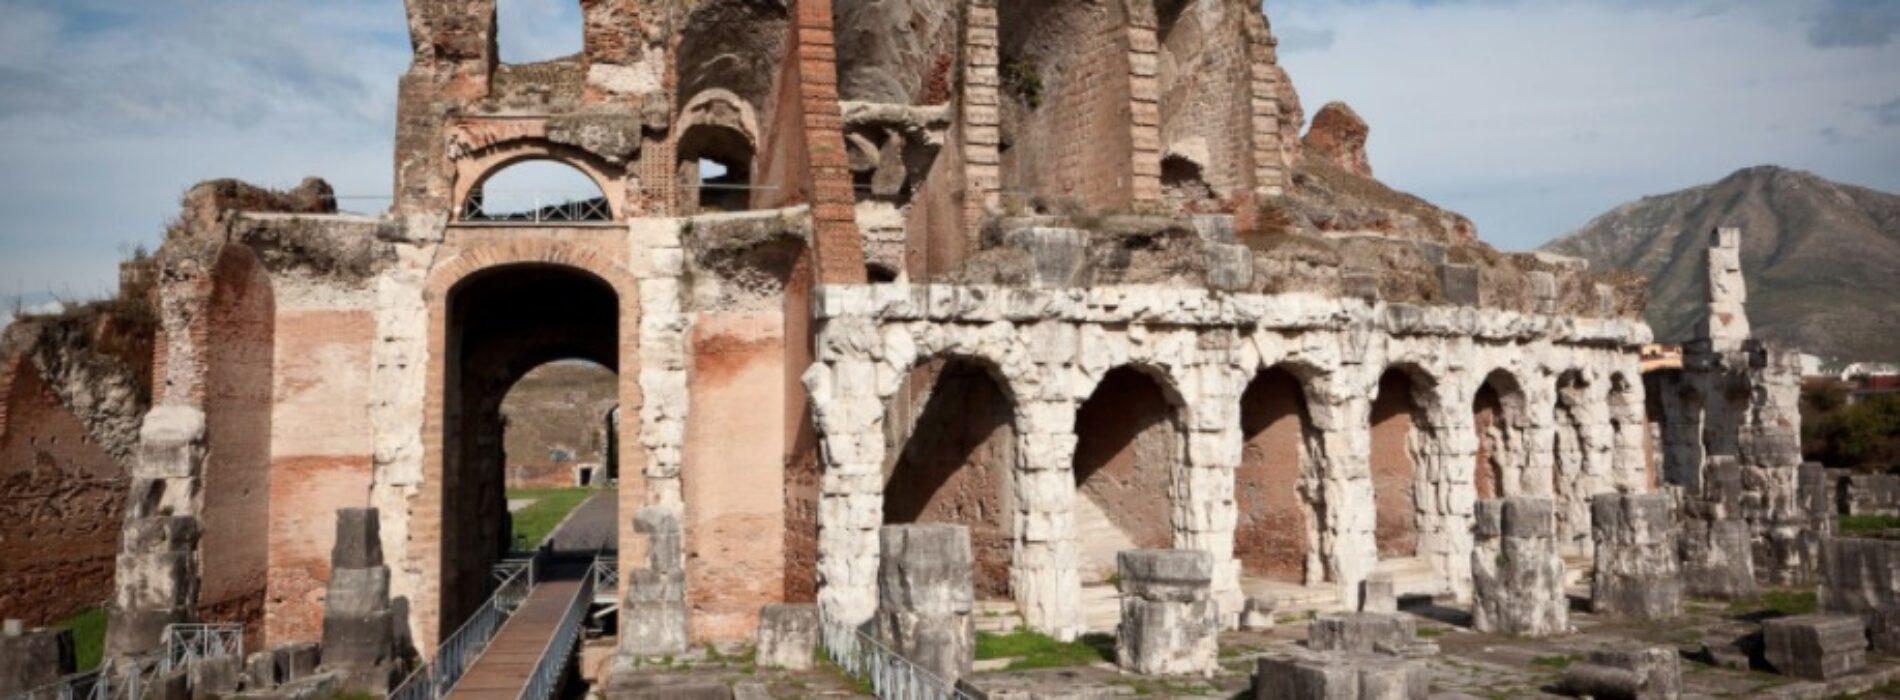 L'antica Capua va in tv, al Tg2 Weekend l'Anfiteatro Campano